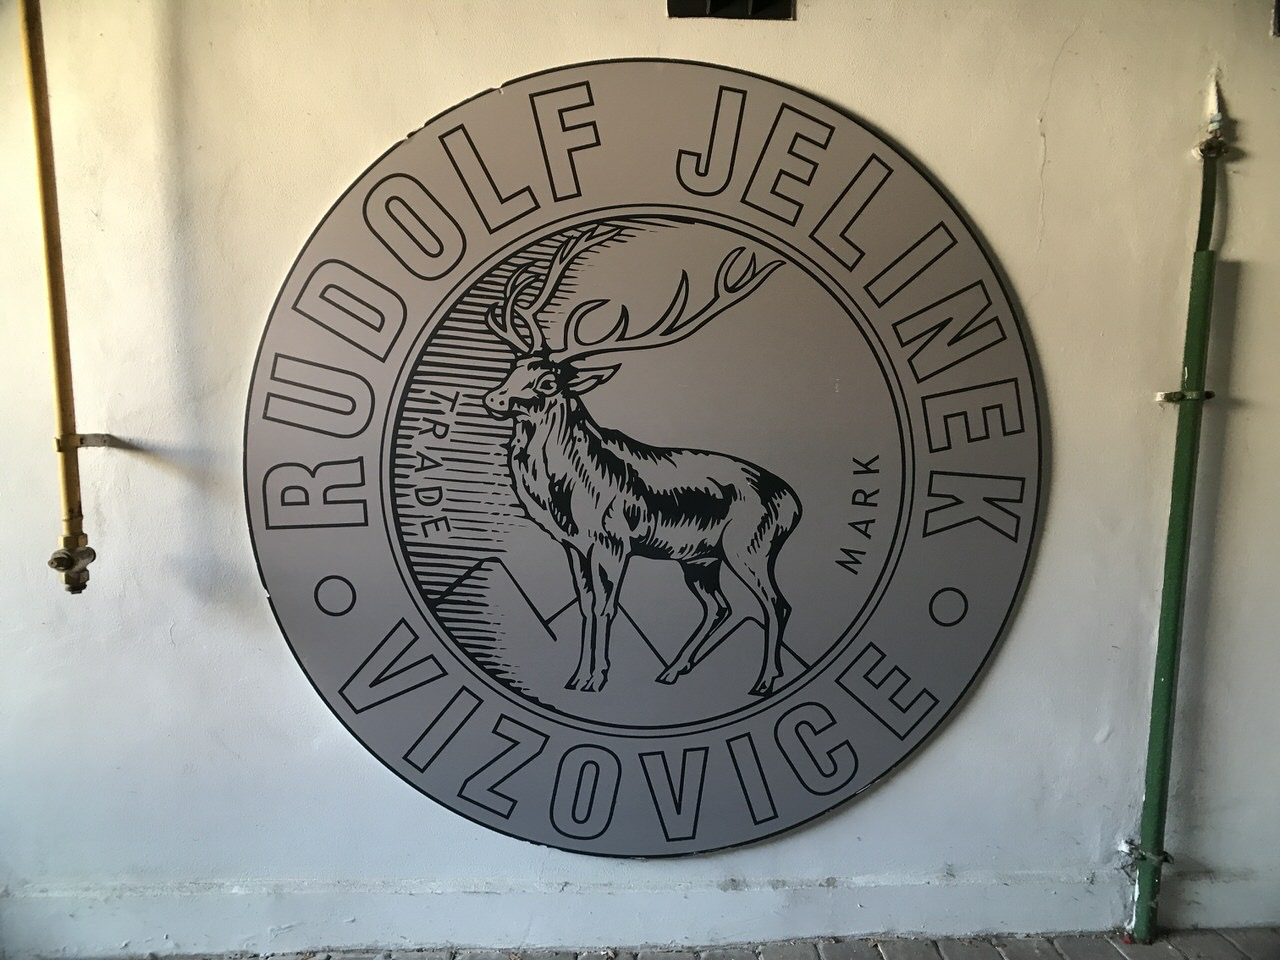 世界最大のフルーツスピリッツの会社「R.JELINEK(イェリネック)」